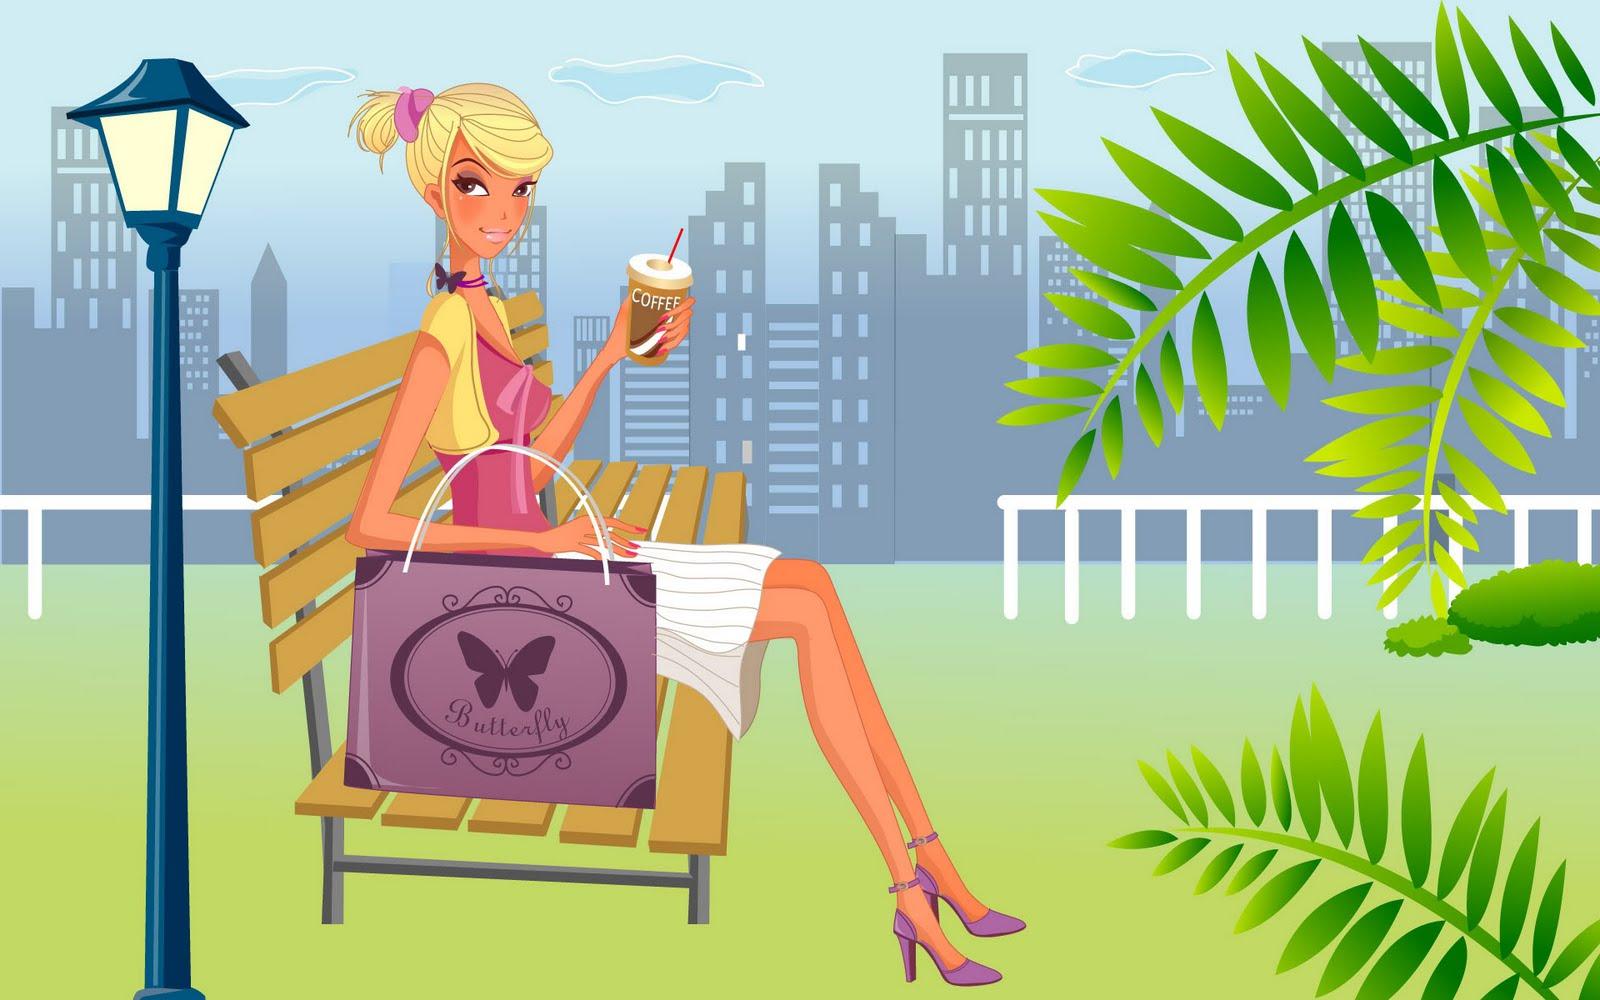 http://2.bp.blogspot.com/_naq7MHFFSIk/THqzygjv1YI/AAAAAAAAAf4/7Md-kYXw-TA/s1600/Modern-Woman15.jpg